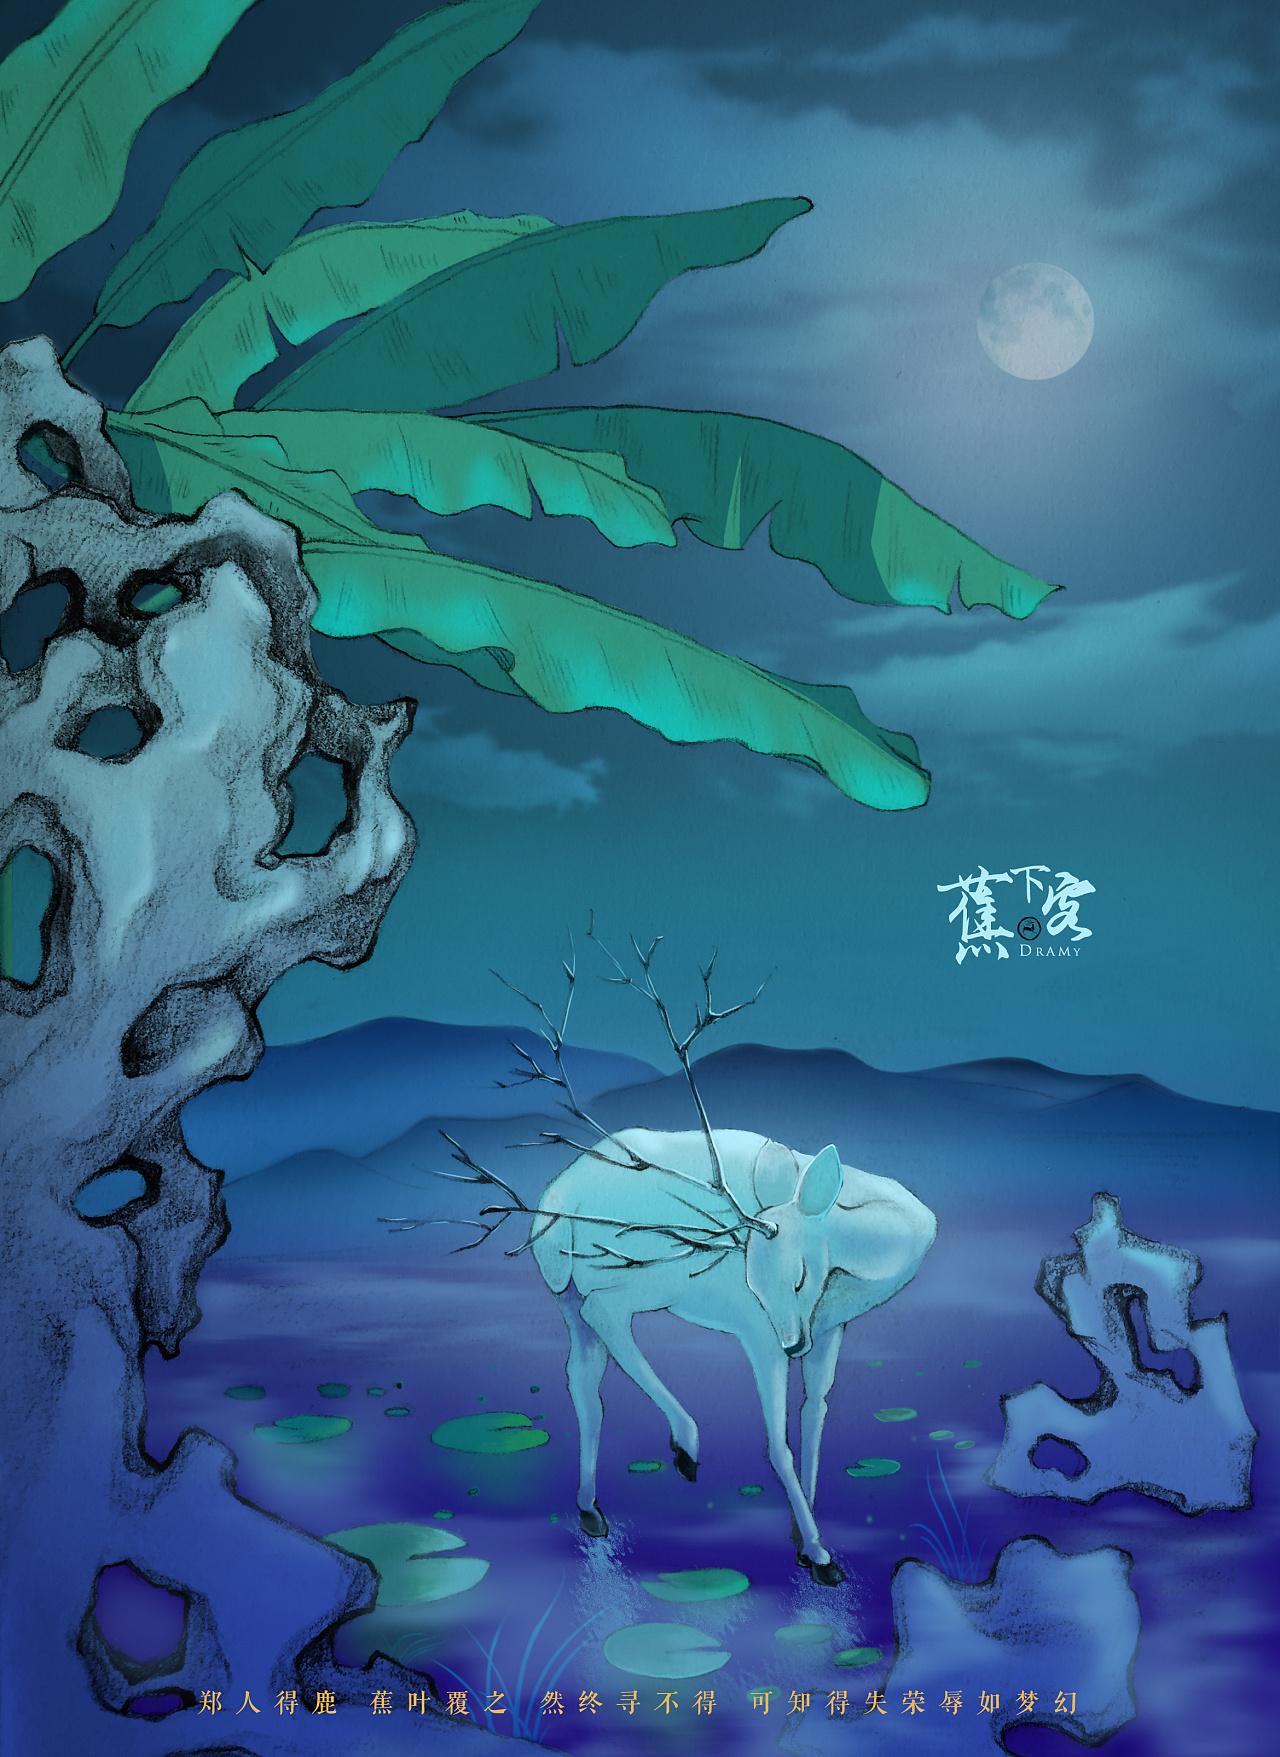 蕉下客:郑人的鹿,蕉叶覆之,然而终寻不得,可知得失皆梦幻也.